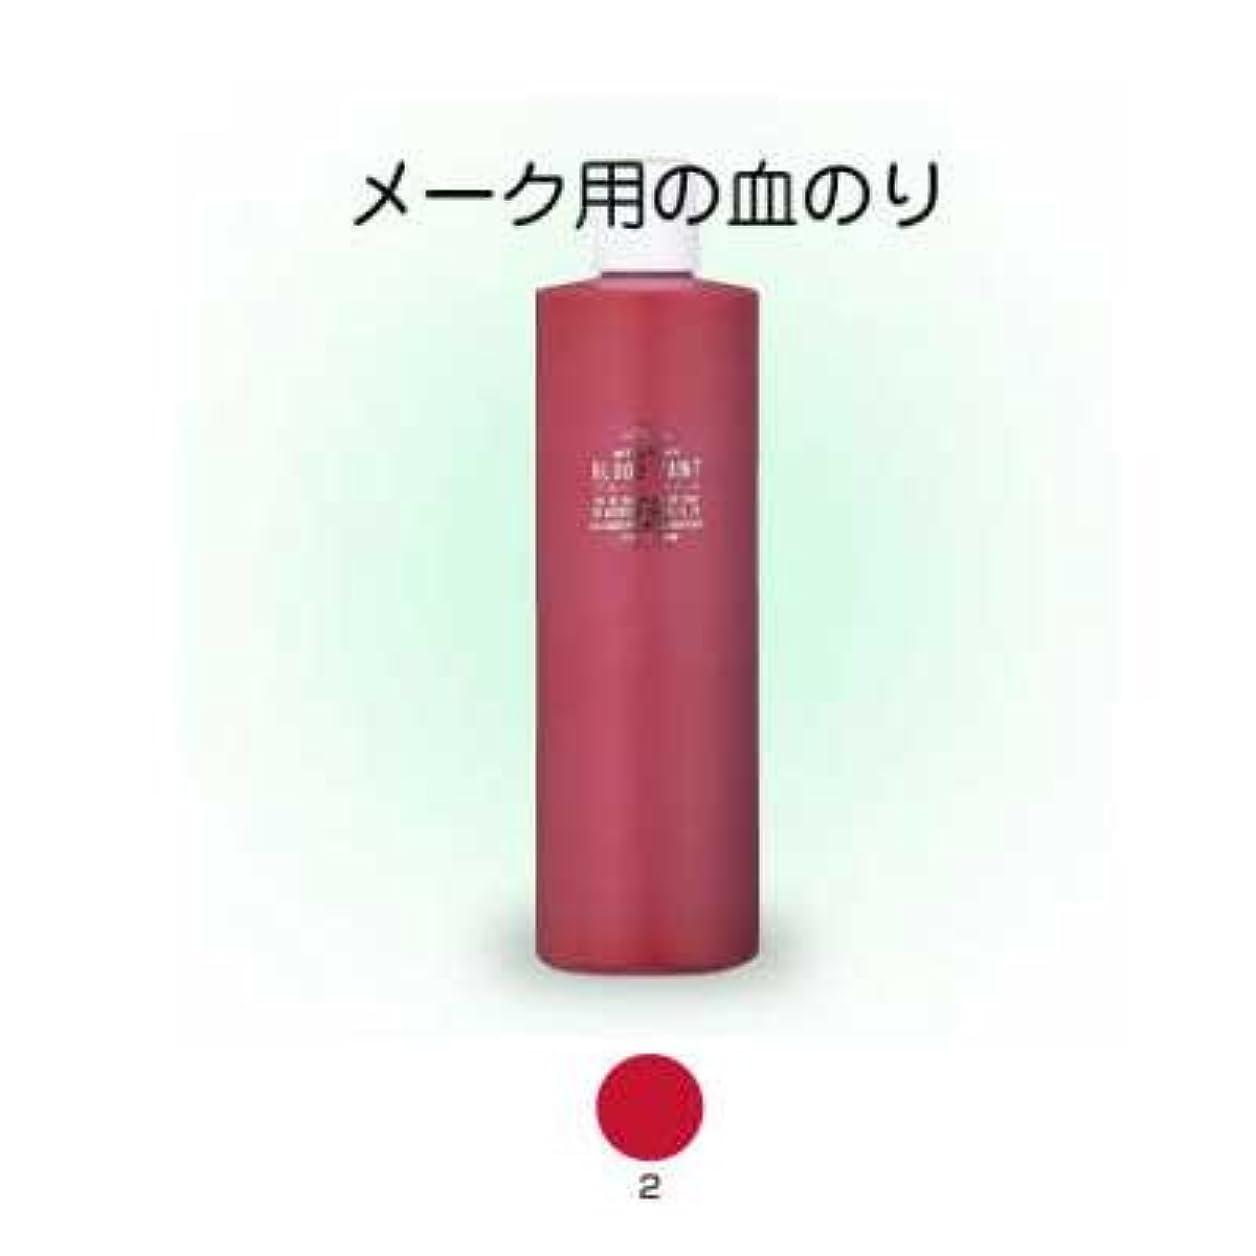 しない純正シダブロードペイント(メークアップ用の血のり)500ml 2【三善】